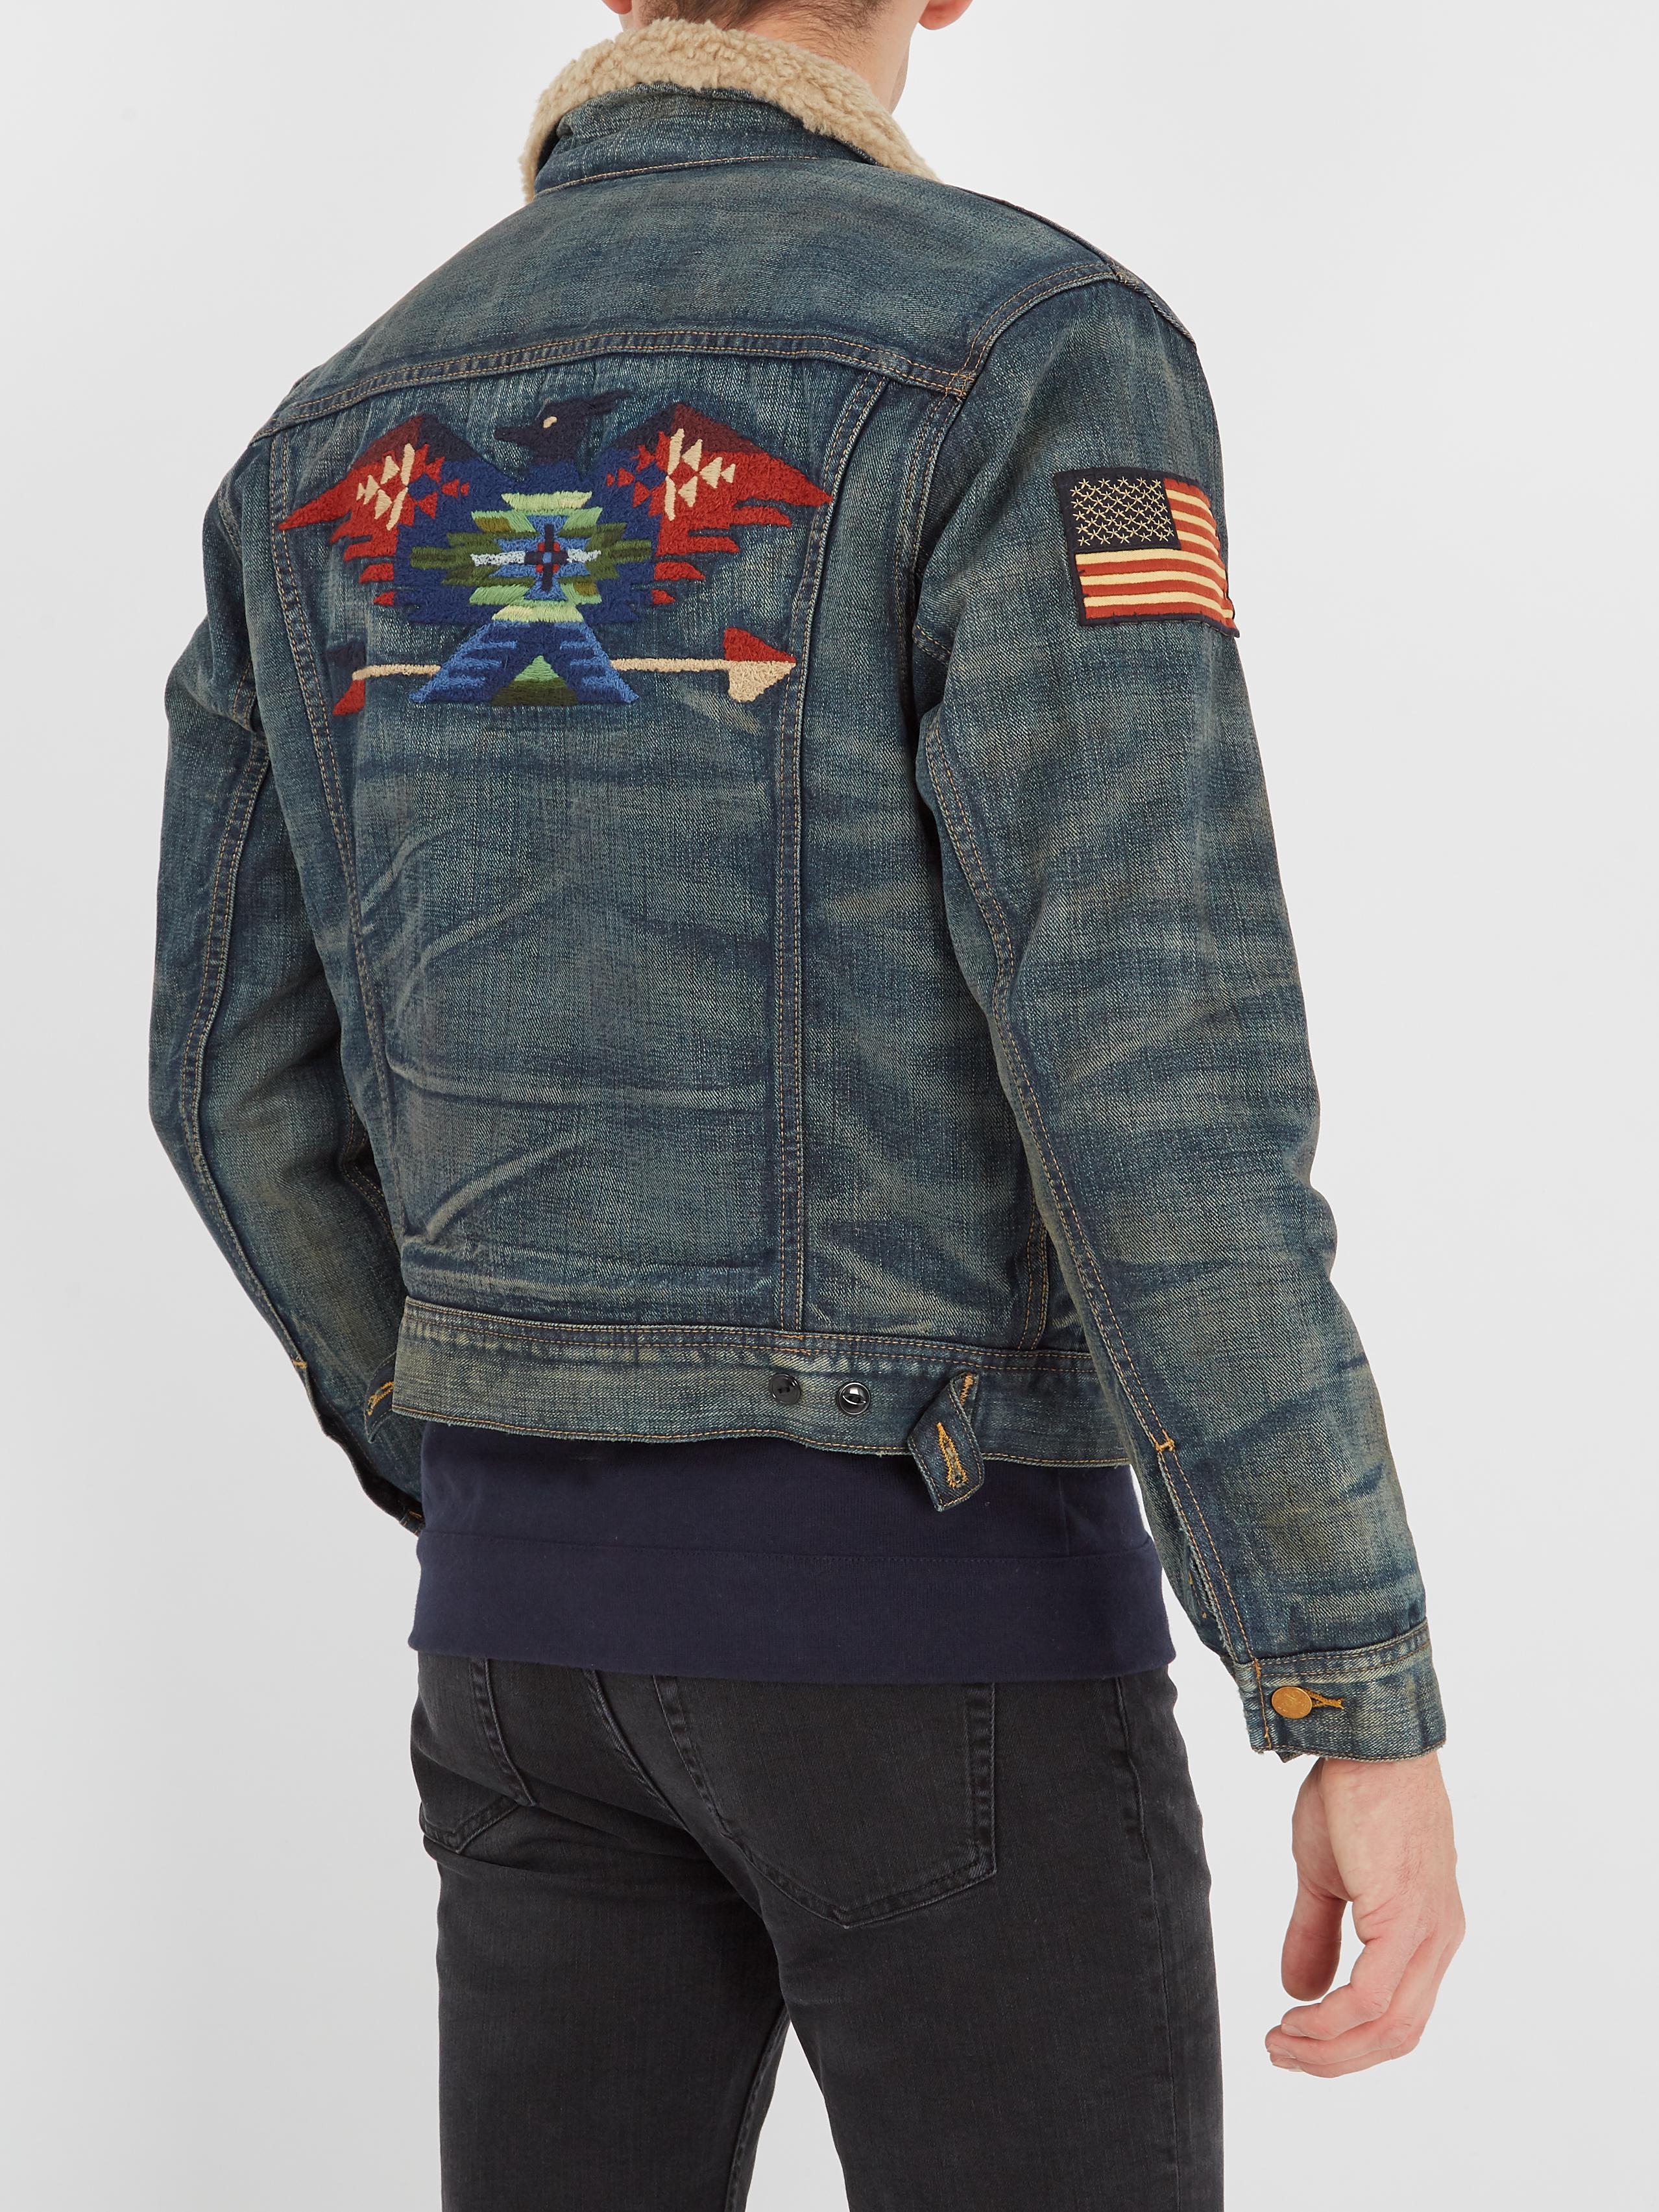 3d433d518bf75 Fake Ralph Lauren Jacket - Cairns Local Marketing